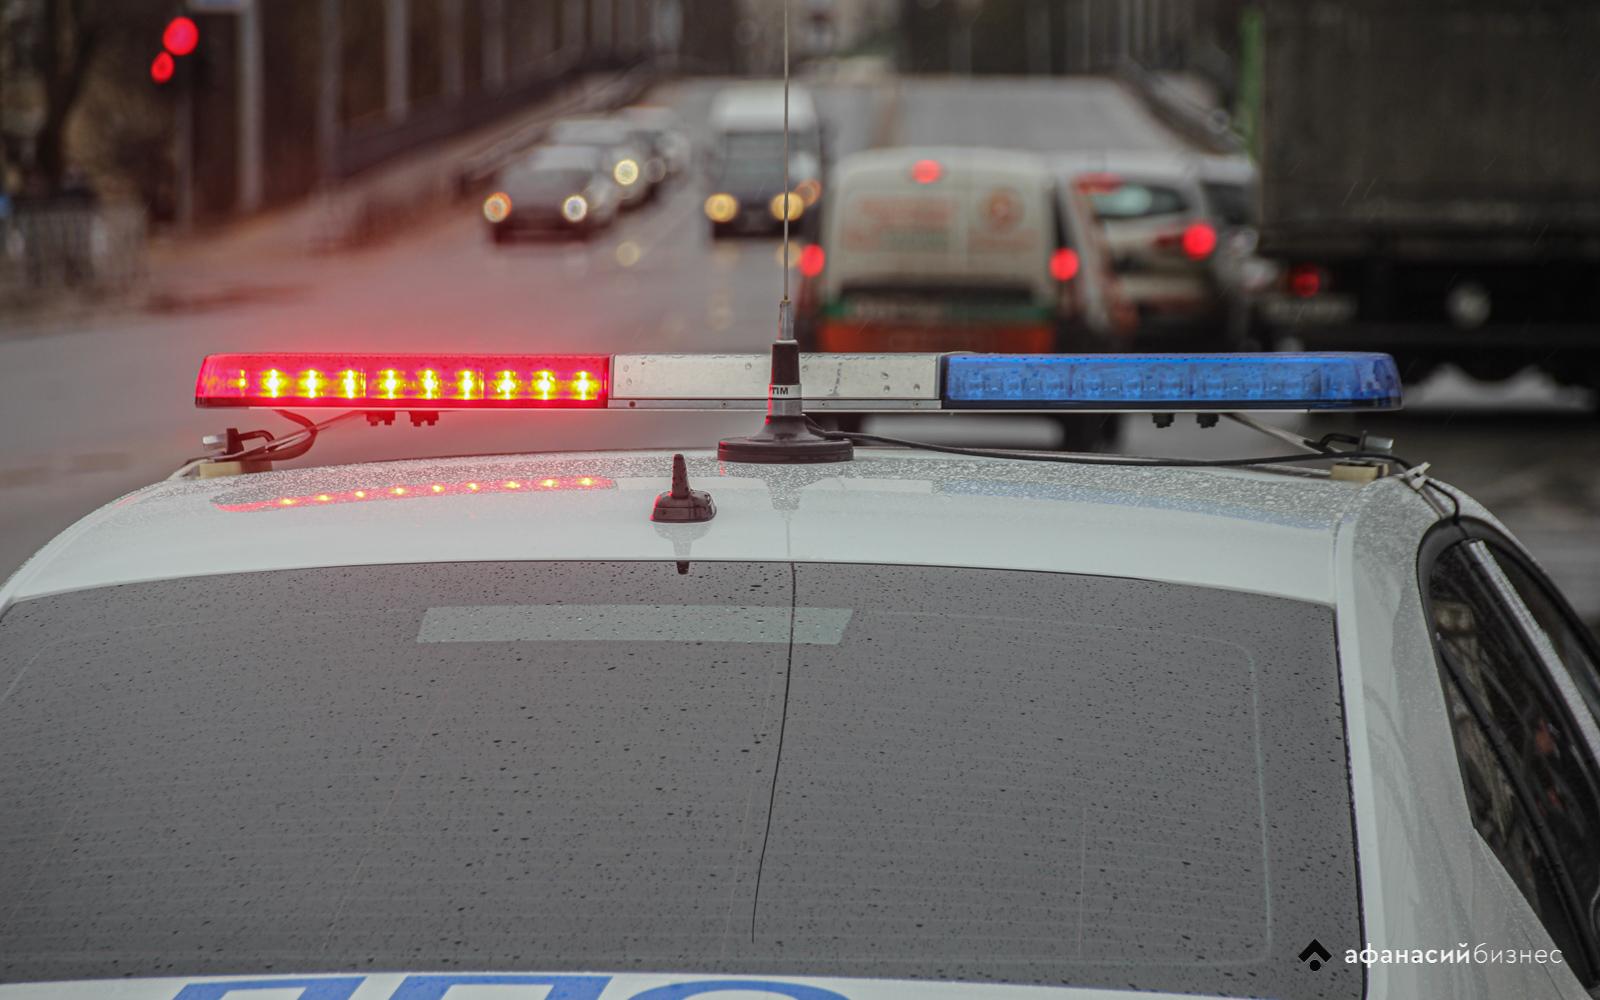 В Твери 10-летний мальчик сказал маме, что во дворе его сбила машина, водитель которой покинул место ДТП - новости Афанасий